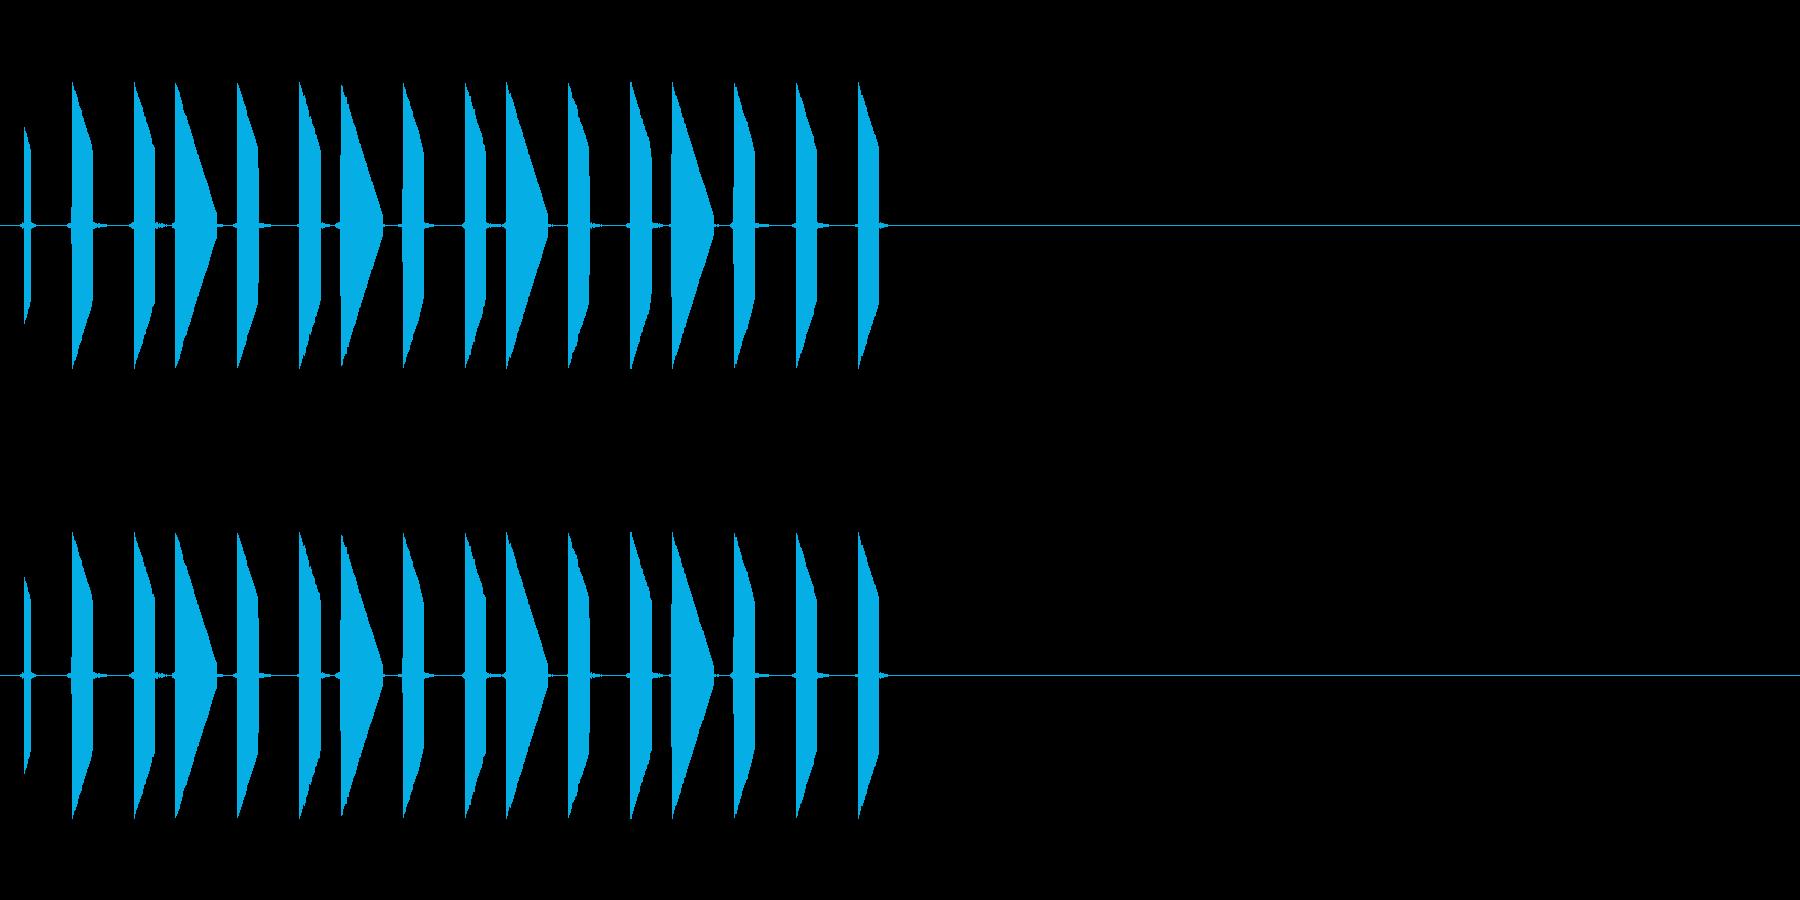 トゥルルルルル(会話、レトロゲーム、長)の再生済みの波形